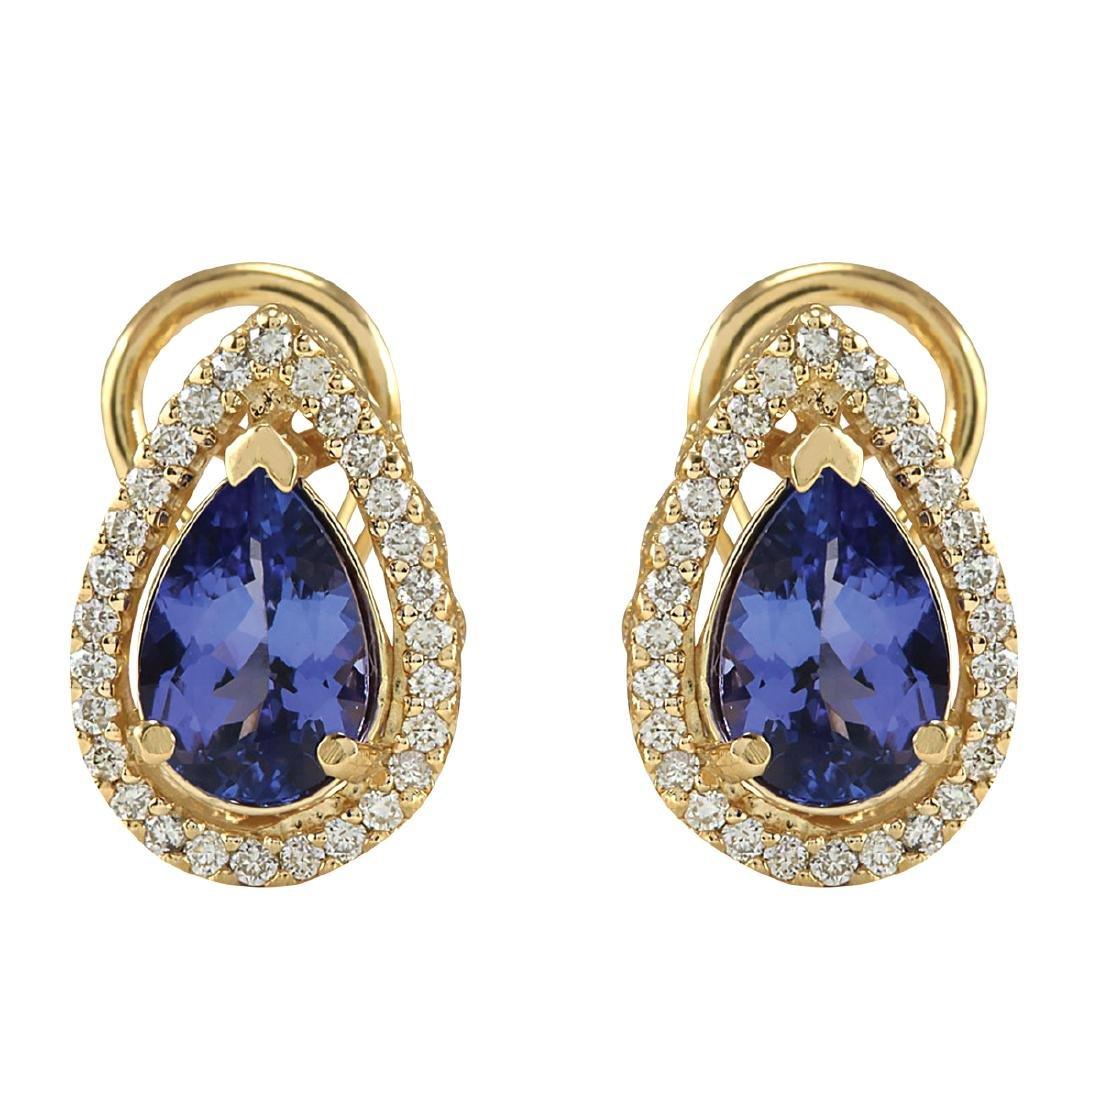 3.62CTW Natural Tanzanite And Diamond Earrings 18K